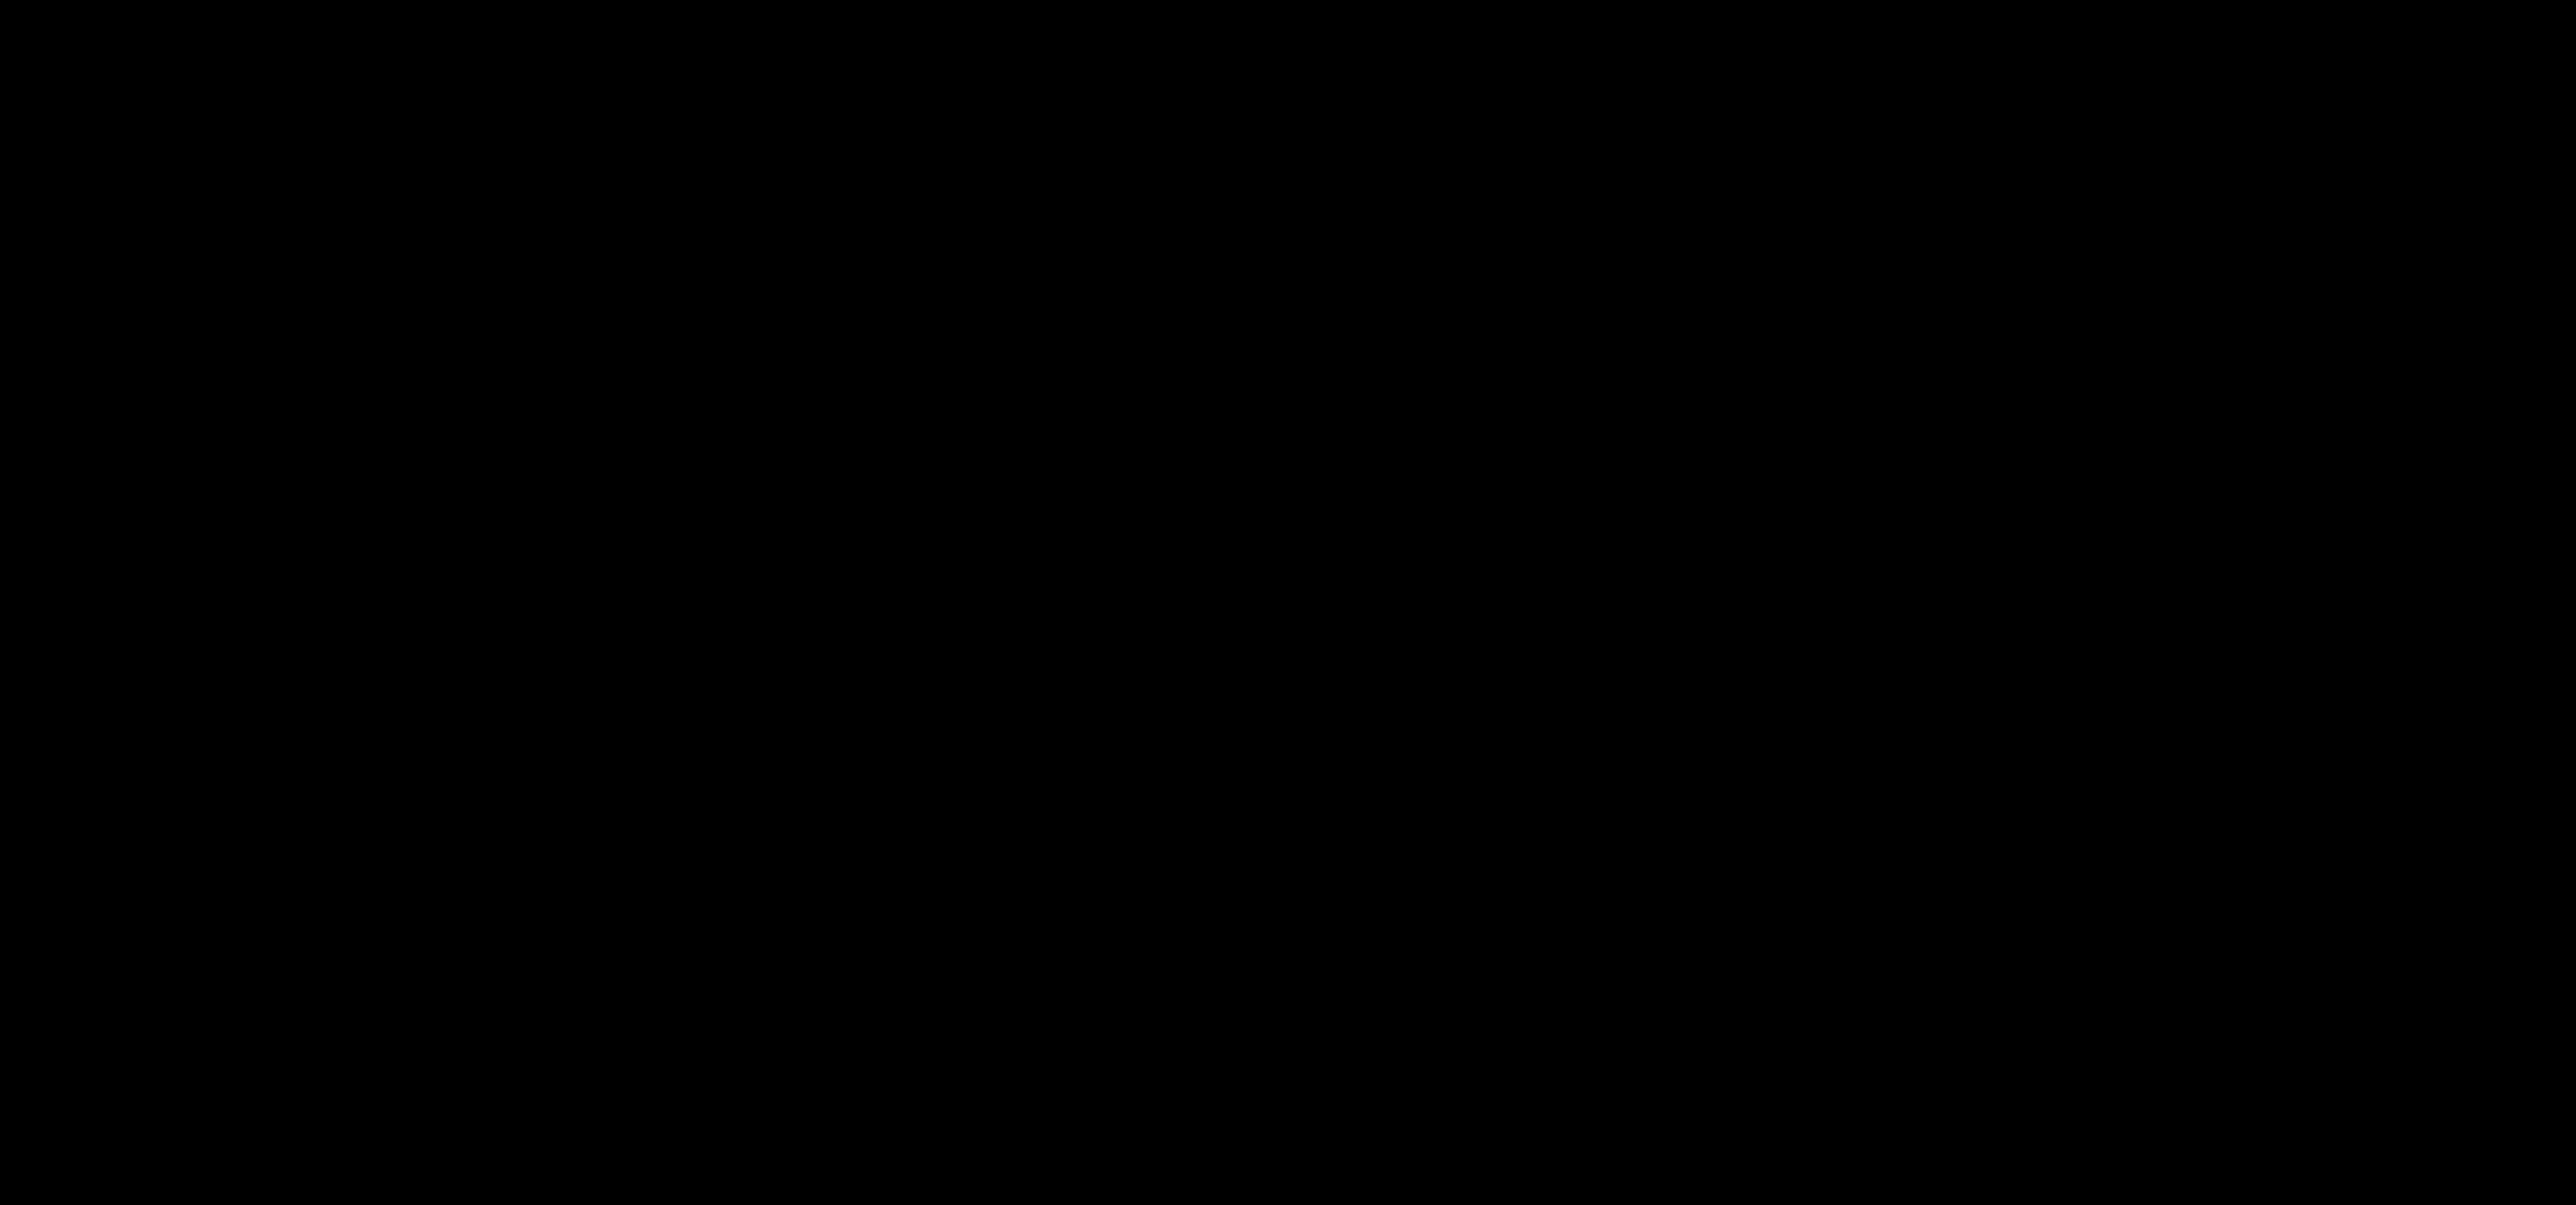 Circa un mese fà mi sono accorto che avevo la gengiva ritirata e gonfia nel penultimo molare dell'arcata sup. dx.